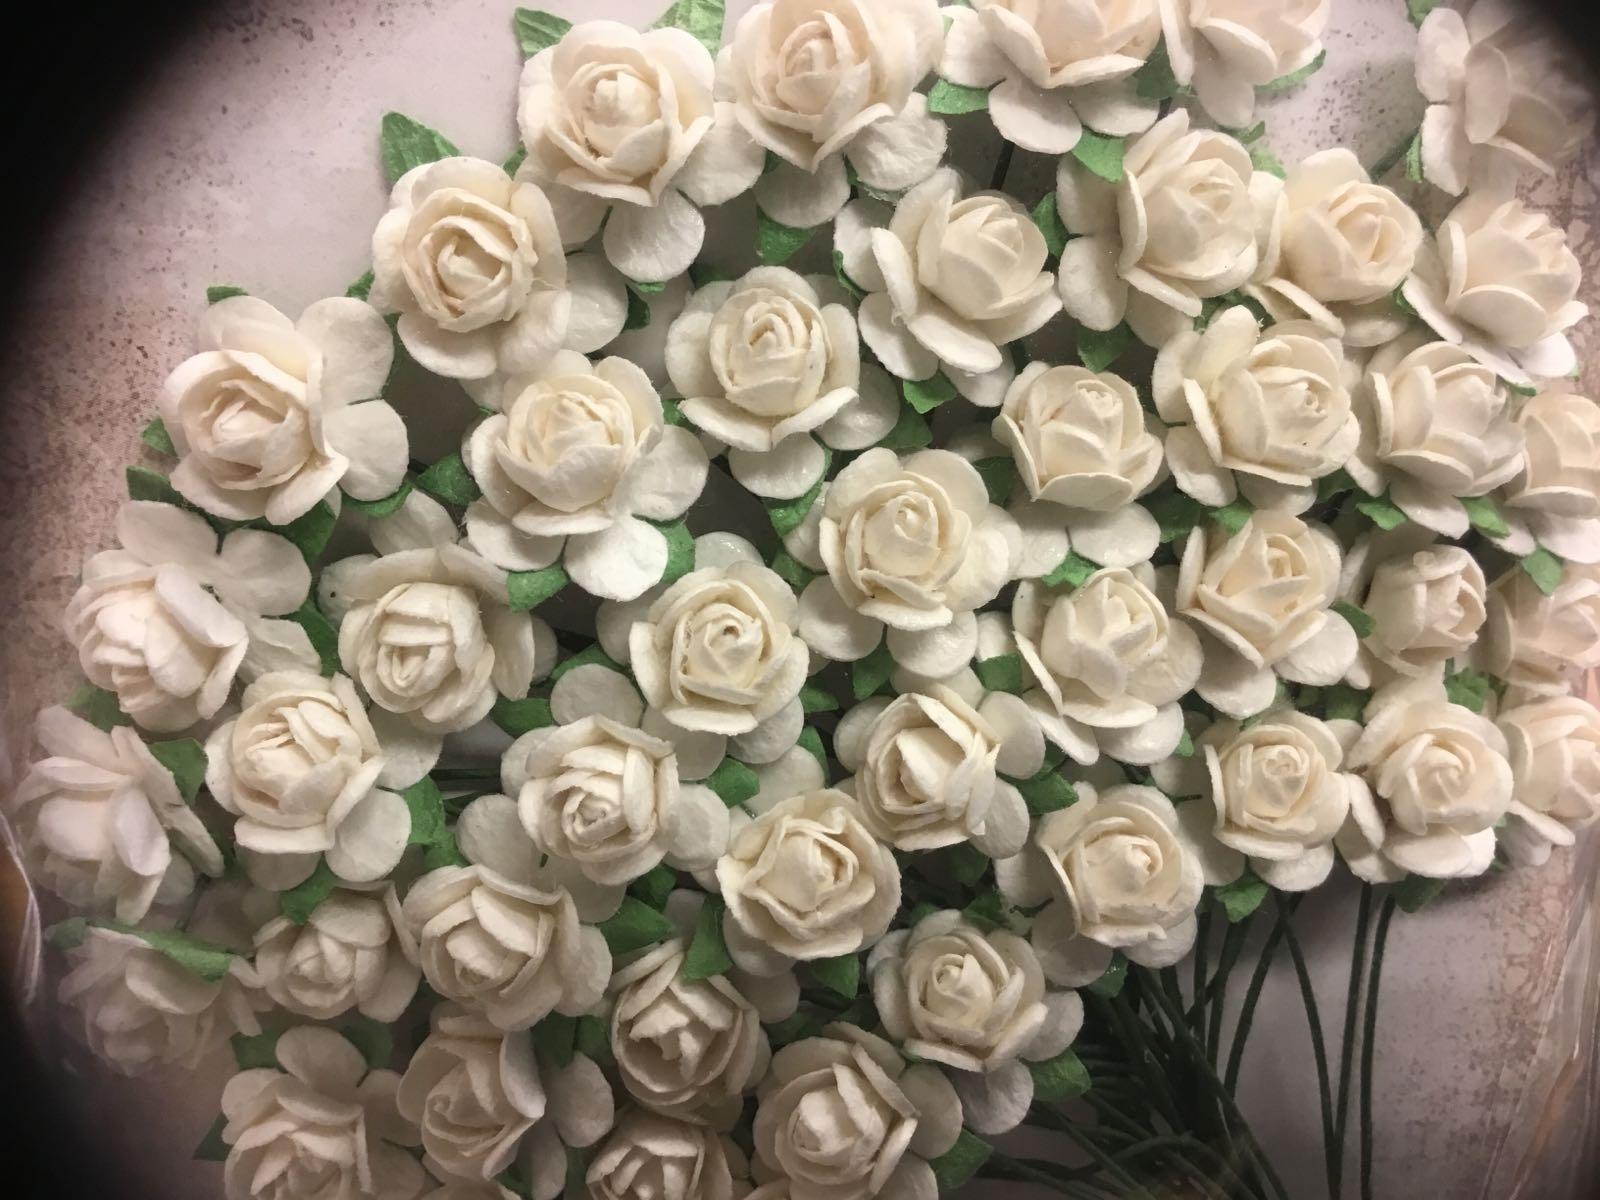 Papirdesign blomster, roser, hvite, Ø:1cm . 50 stk pr pk.